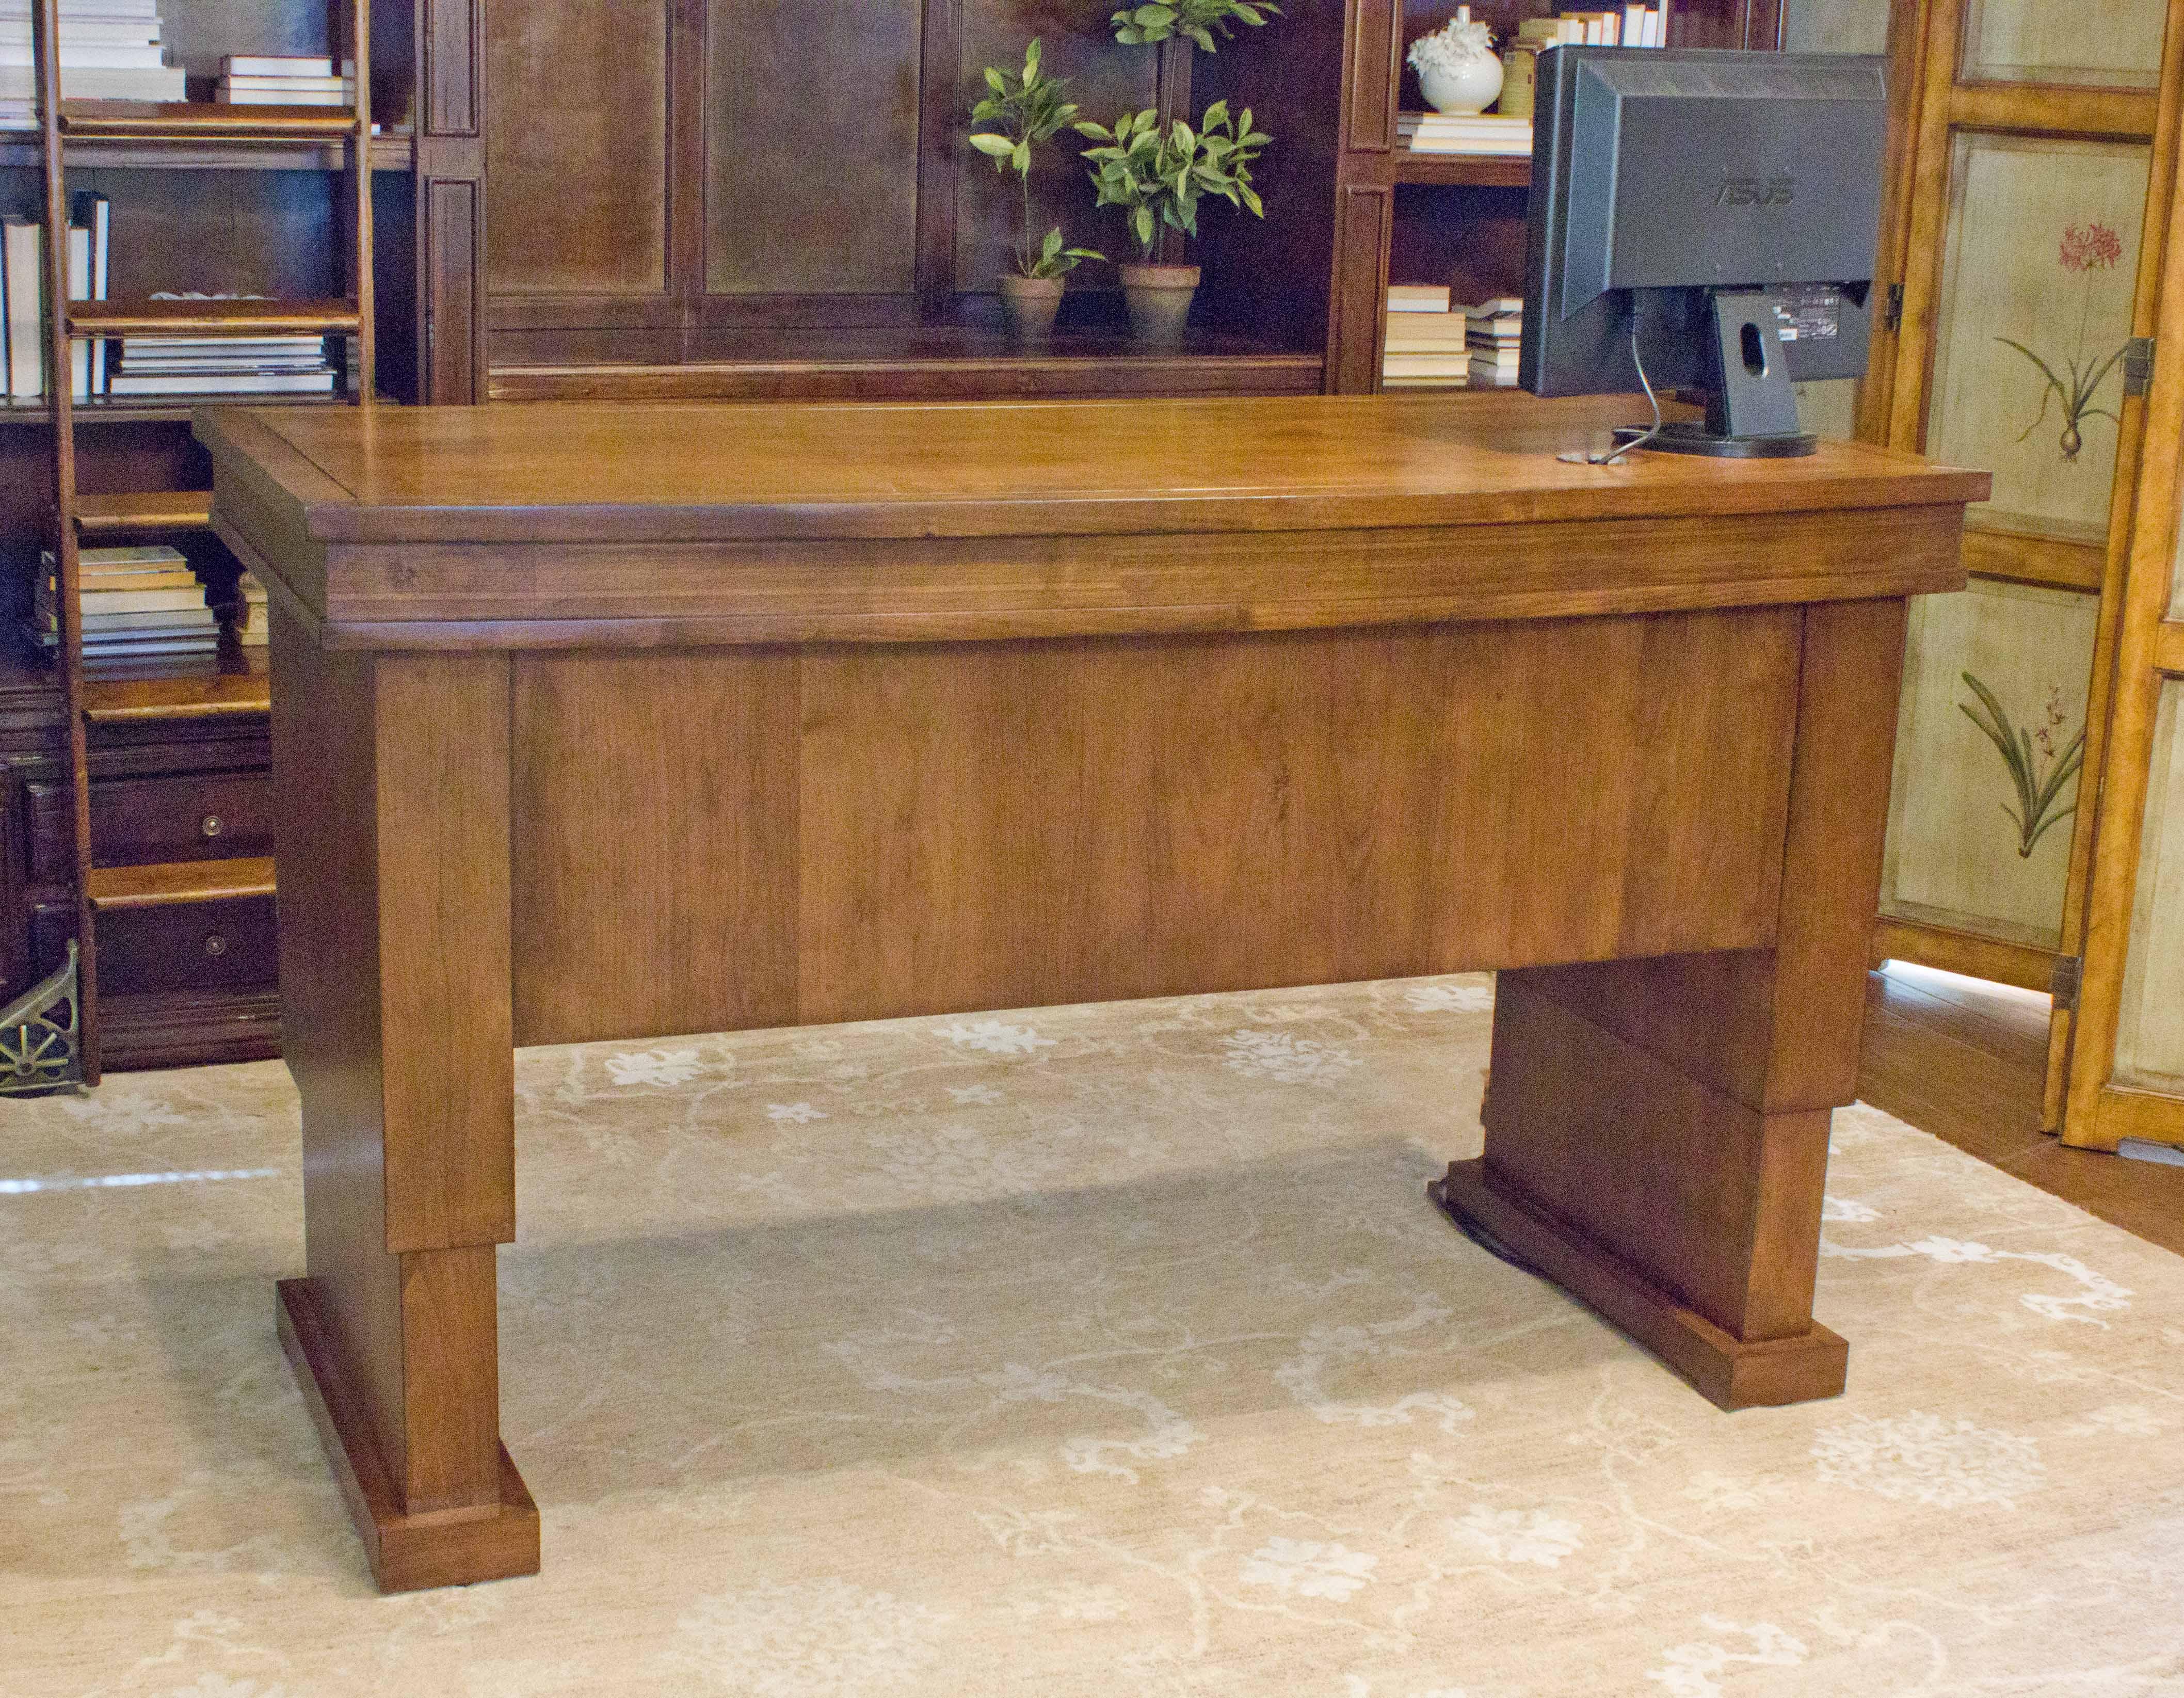 Executive Desk Height Adjule Side Led On Bookshelf